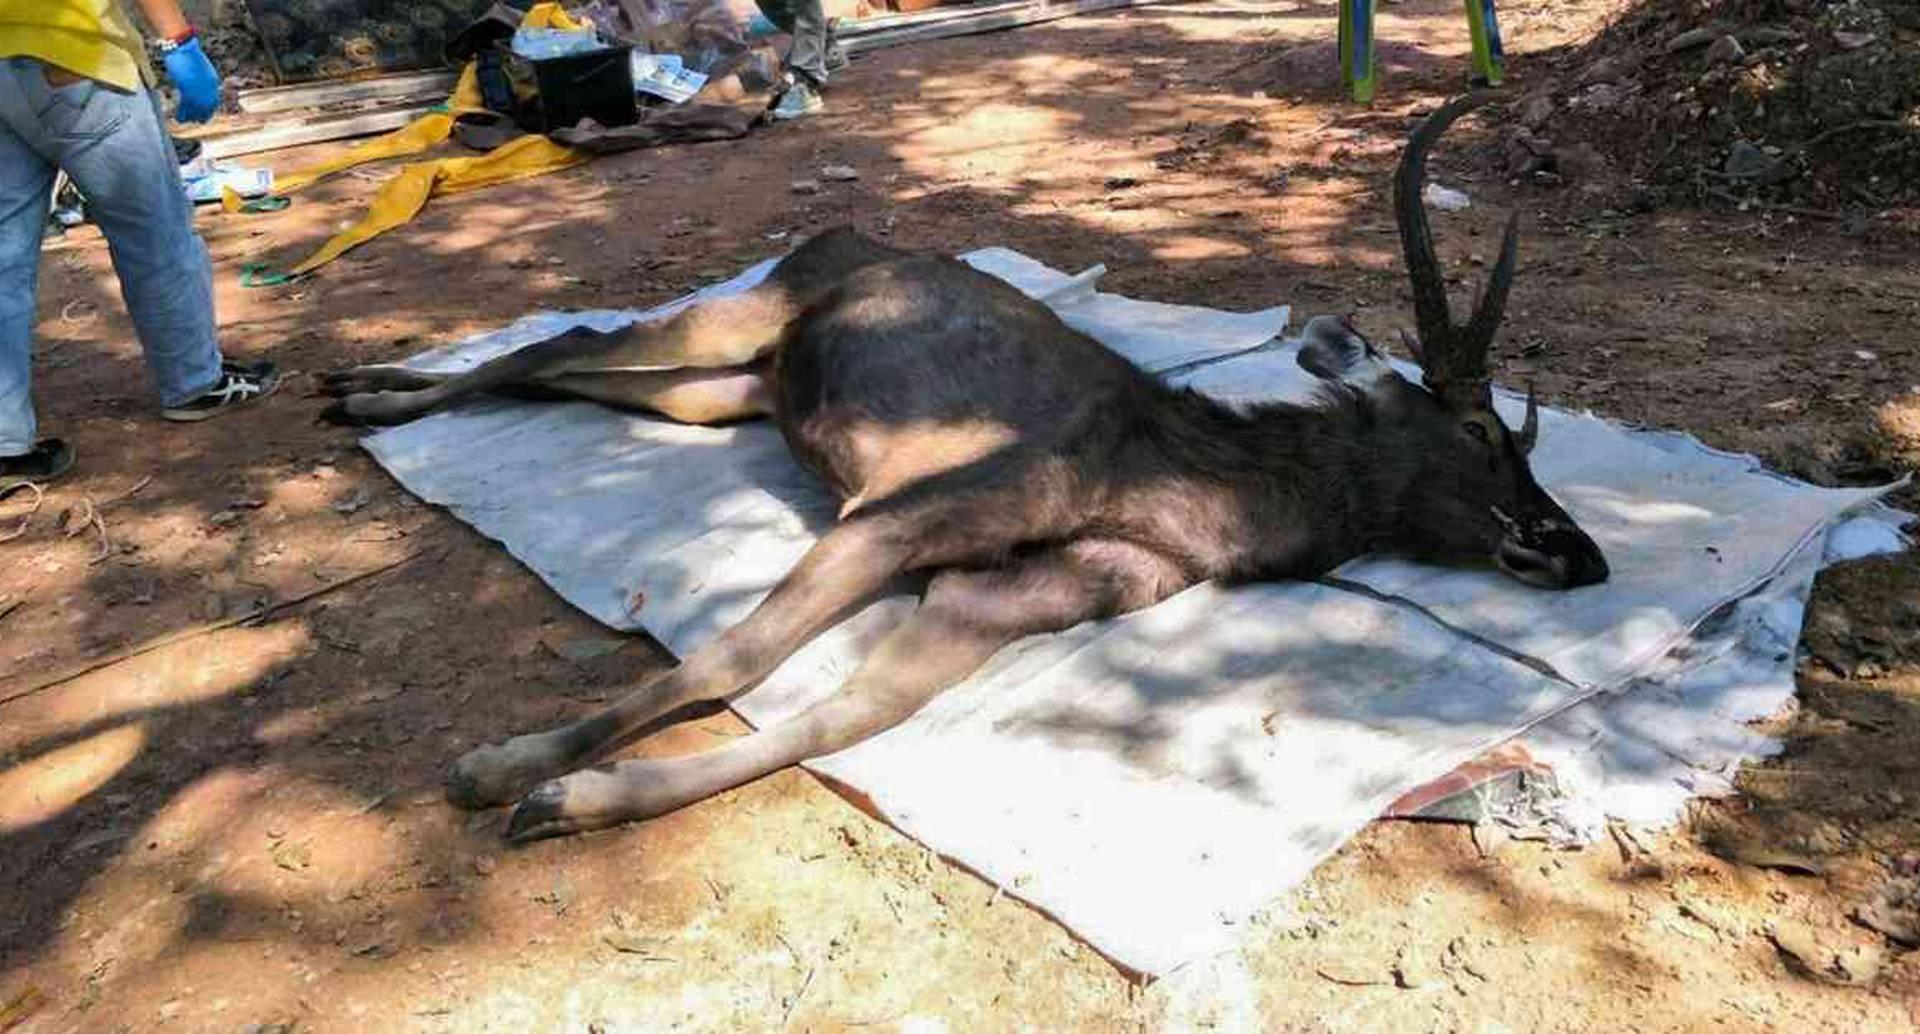 El ciervo fue encontrado al interior de un parque nacional. Foto: HANDOUT / OFFICE OF PROTECTED AREA REGION 13/AFP